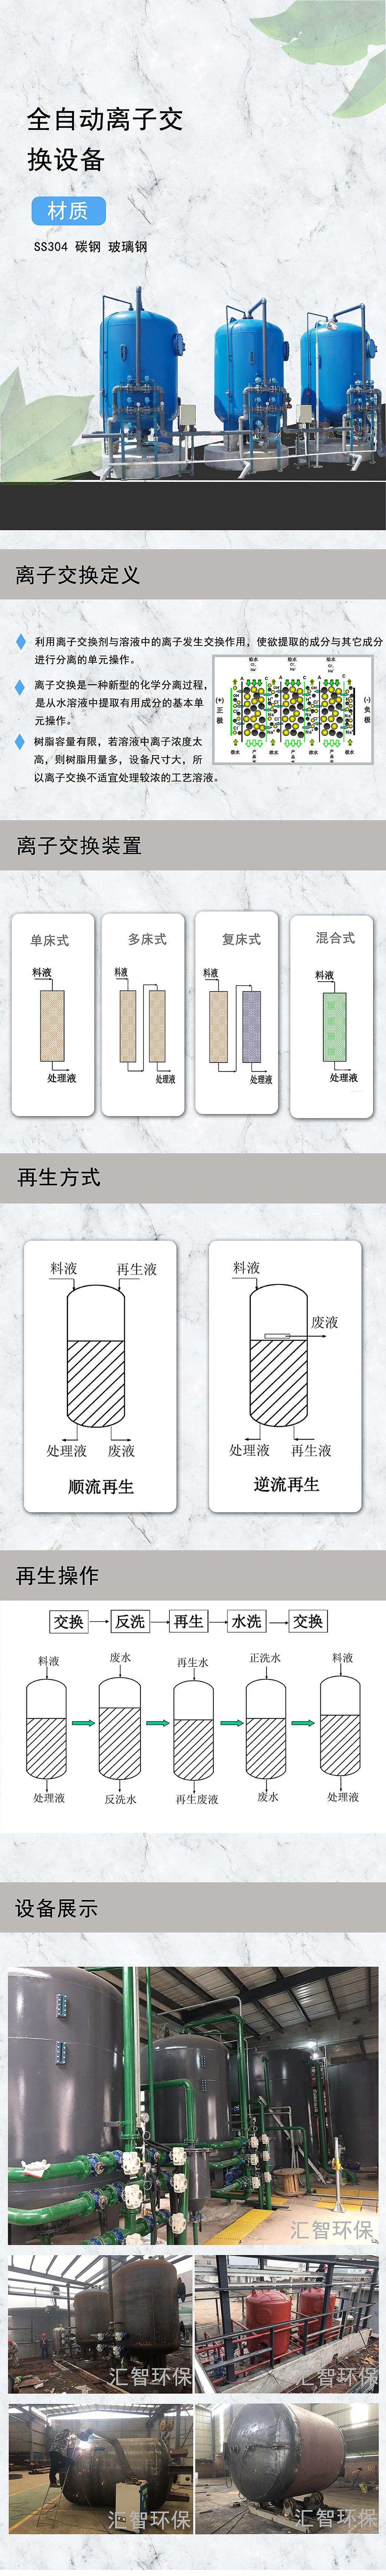 离子交换伟德国际手机app介绍-1.jpg